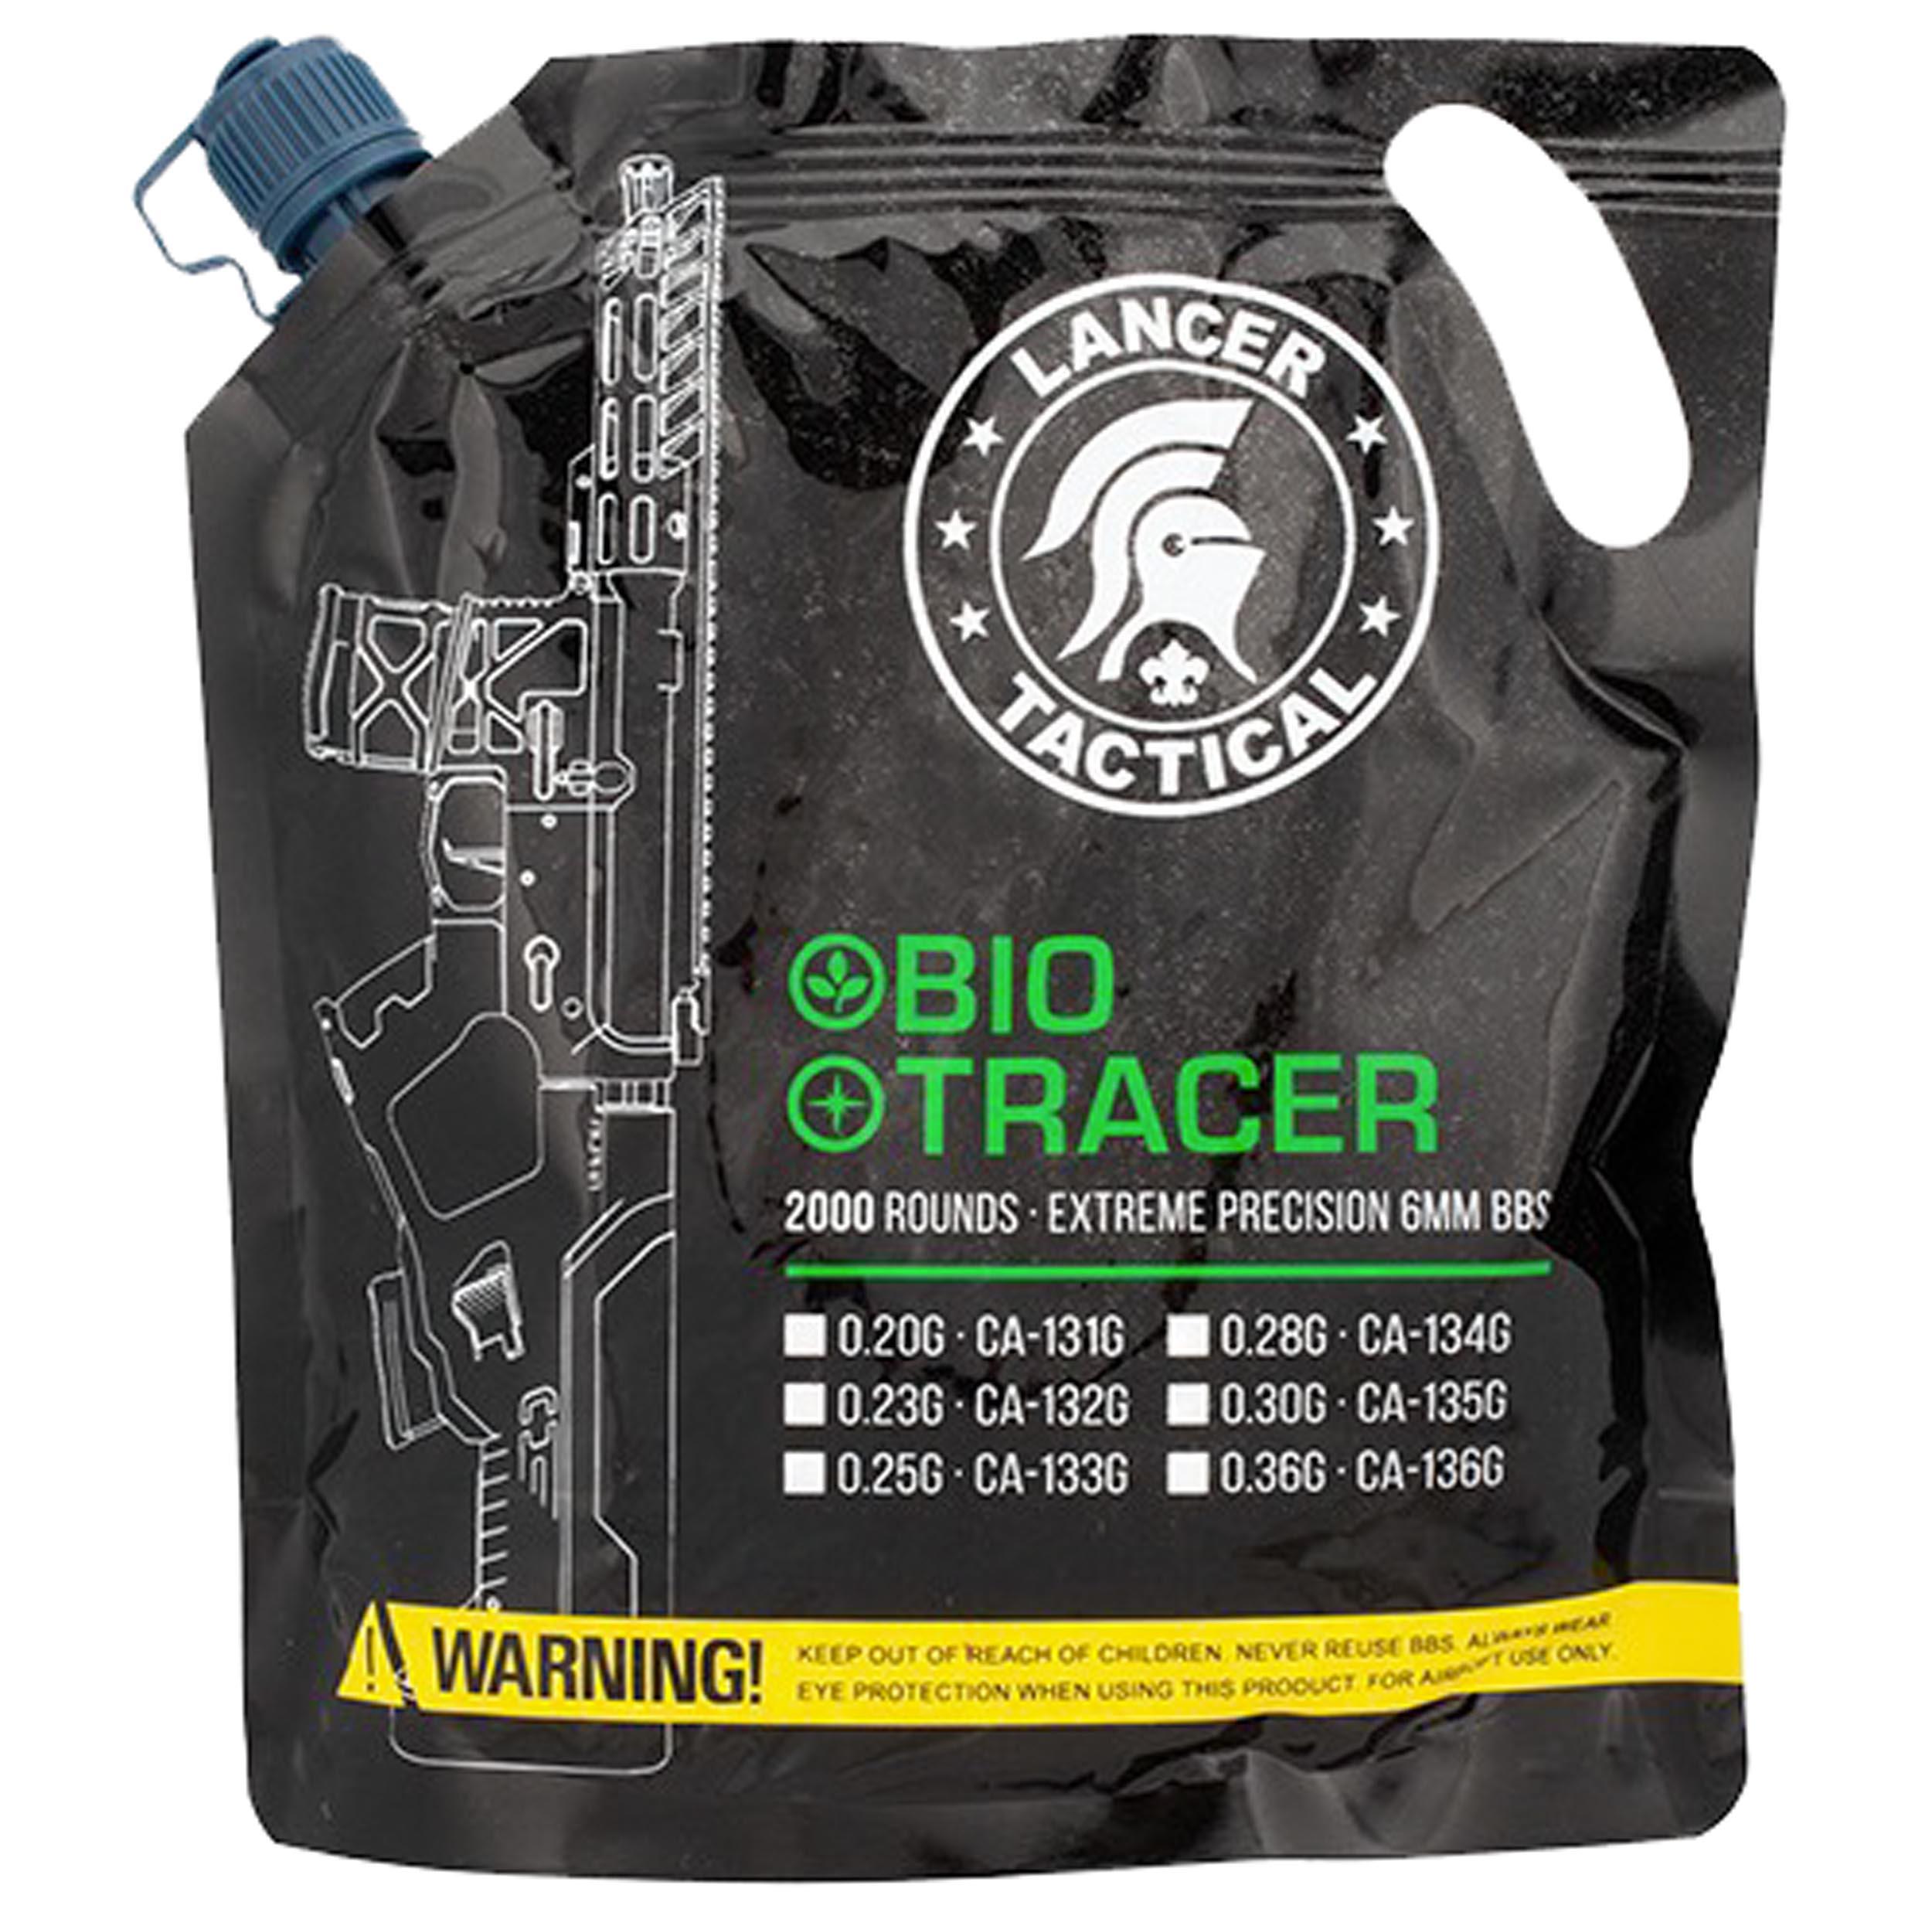 BB3322 Tracer BIO BBs 0,20g x 2000 bag Green - BB3320